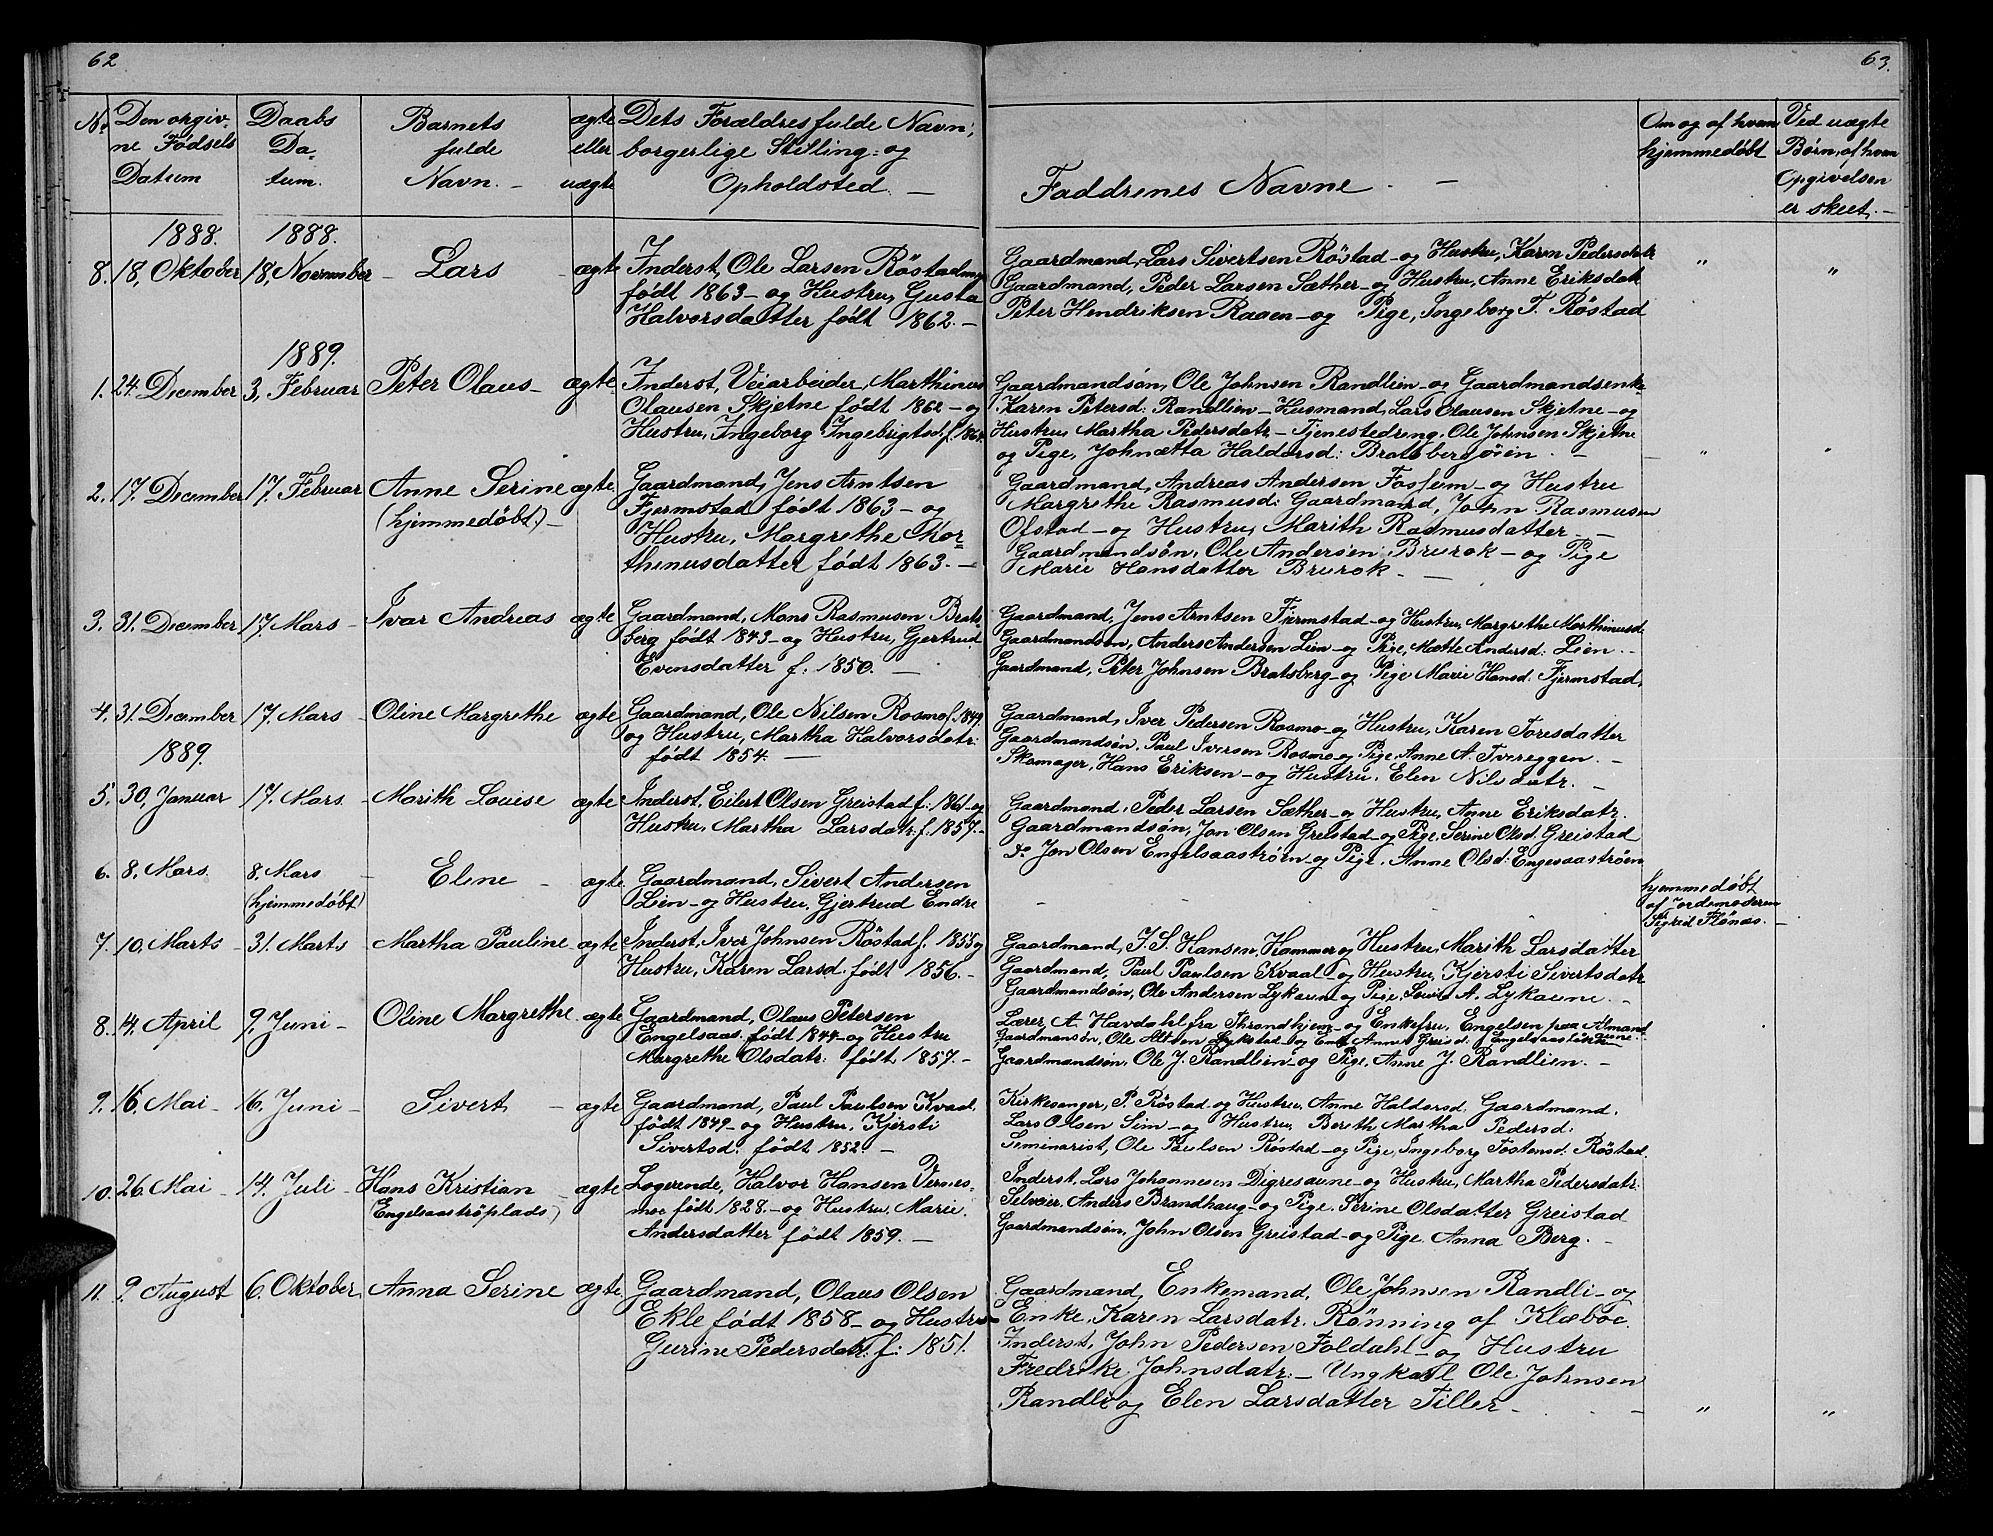 SAT, Ministerialprotokoller, klokkerbøker og fødselsregistre - Sør-Trøndelag, 608/L0340: Klokkerbok nr. 608C06, 1864-1889, s. 62-63